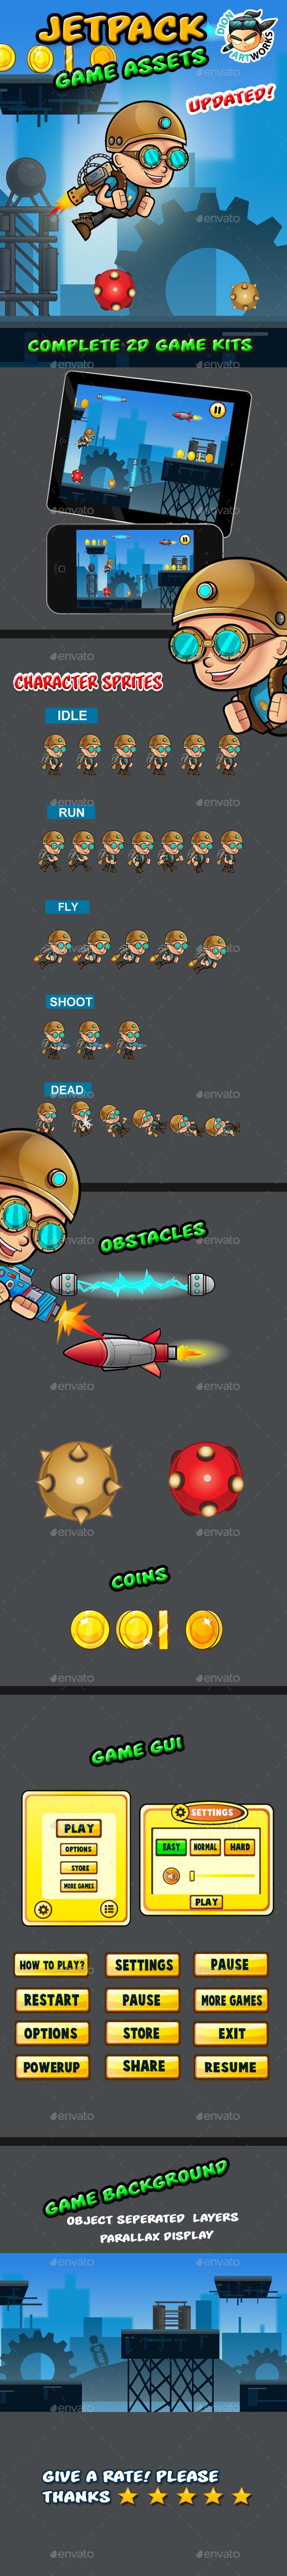 Jetpack Boy Game Assets - Game Kits Game Assets